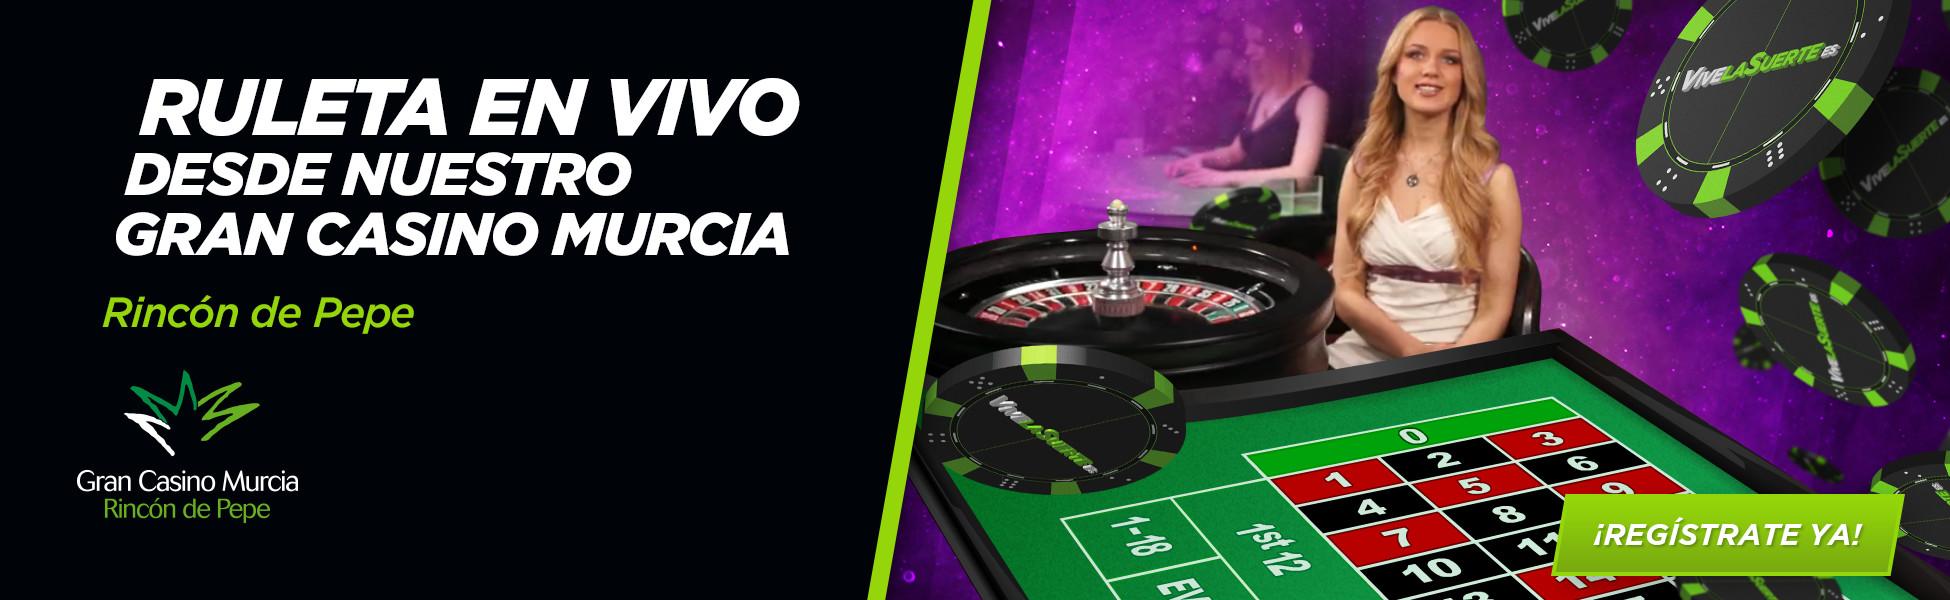 Juegos de casino en vivo jugar ruleta francesa gratis - 88144